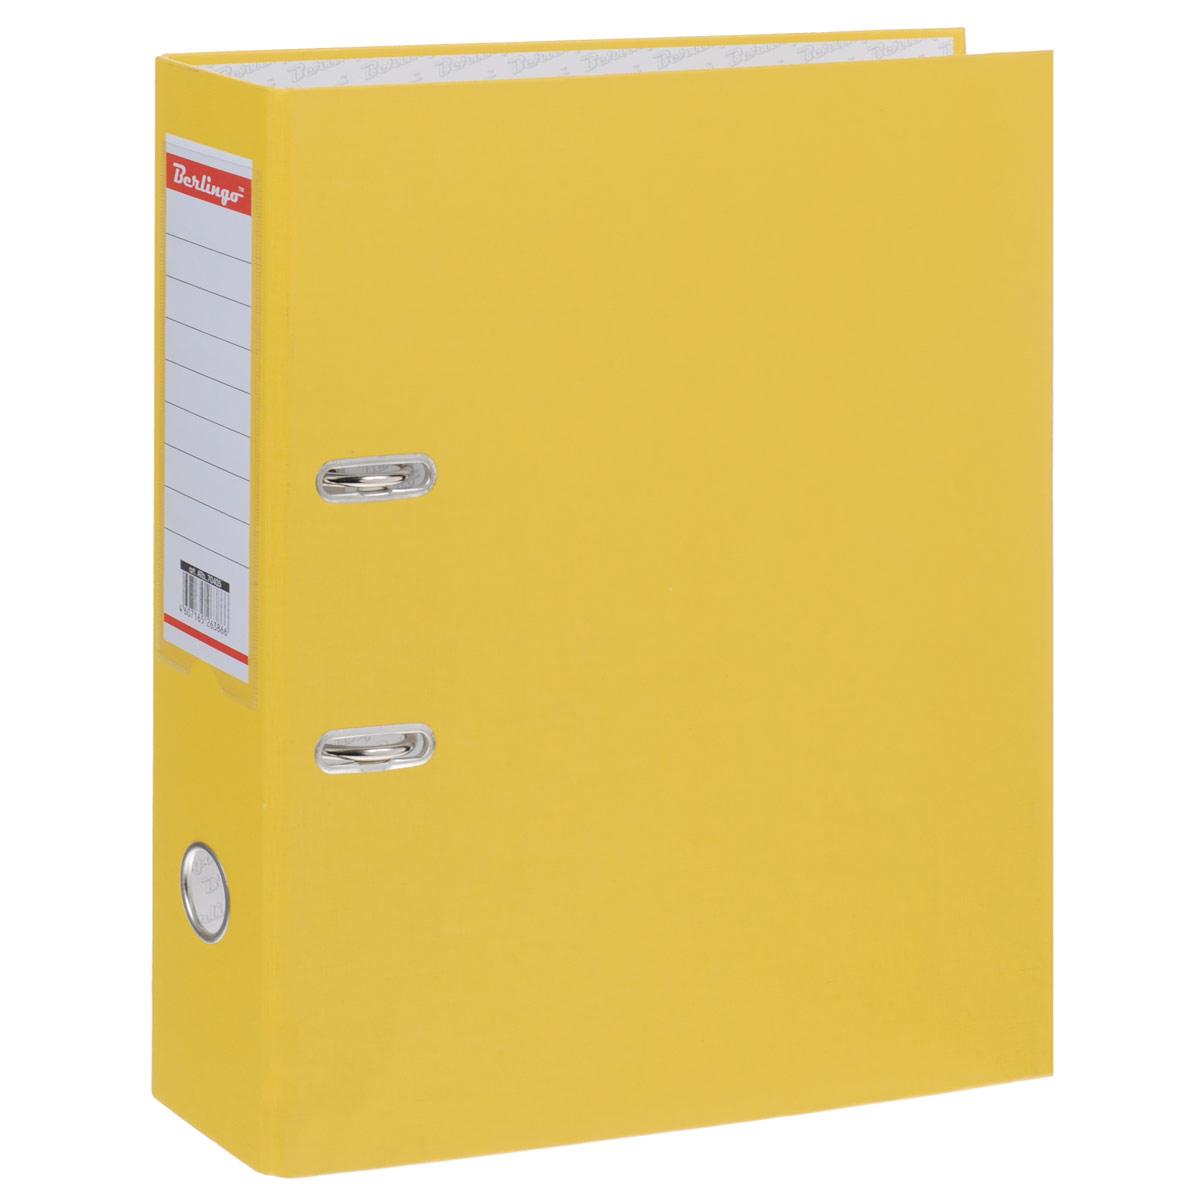 Папка-регистратор Berlingo, ширина корешка 70 мм, цвет: желтыйATb_70405Папка-регистратор Berlingo пригодится в каждом офисе и доме для хранения больших объемов документов. Внешняя сторона папки выполнена из плотного картона с ПВХ-покрытием, что обеспечивает устойчивость к влаге и износу. Папка-регистратор оснащена надежным арочным механизмом крепления бумаги. Круглое отверстие в корешке папки облегчит ее извлечение с полки, а прозрачный карман со съемной этикеткой позволяет маркировать содержимое. Ширина корешка 7 см.